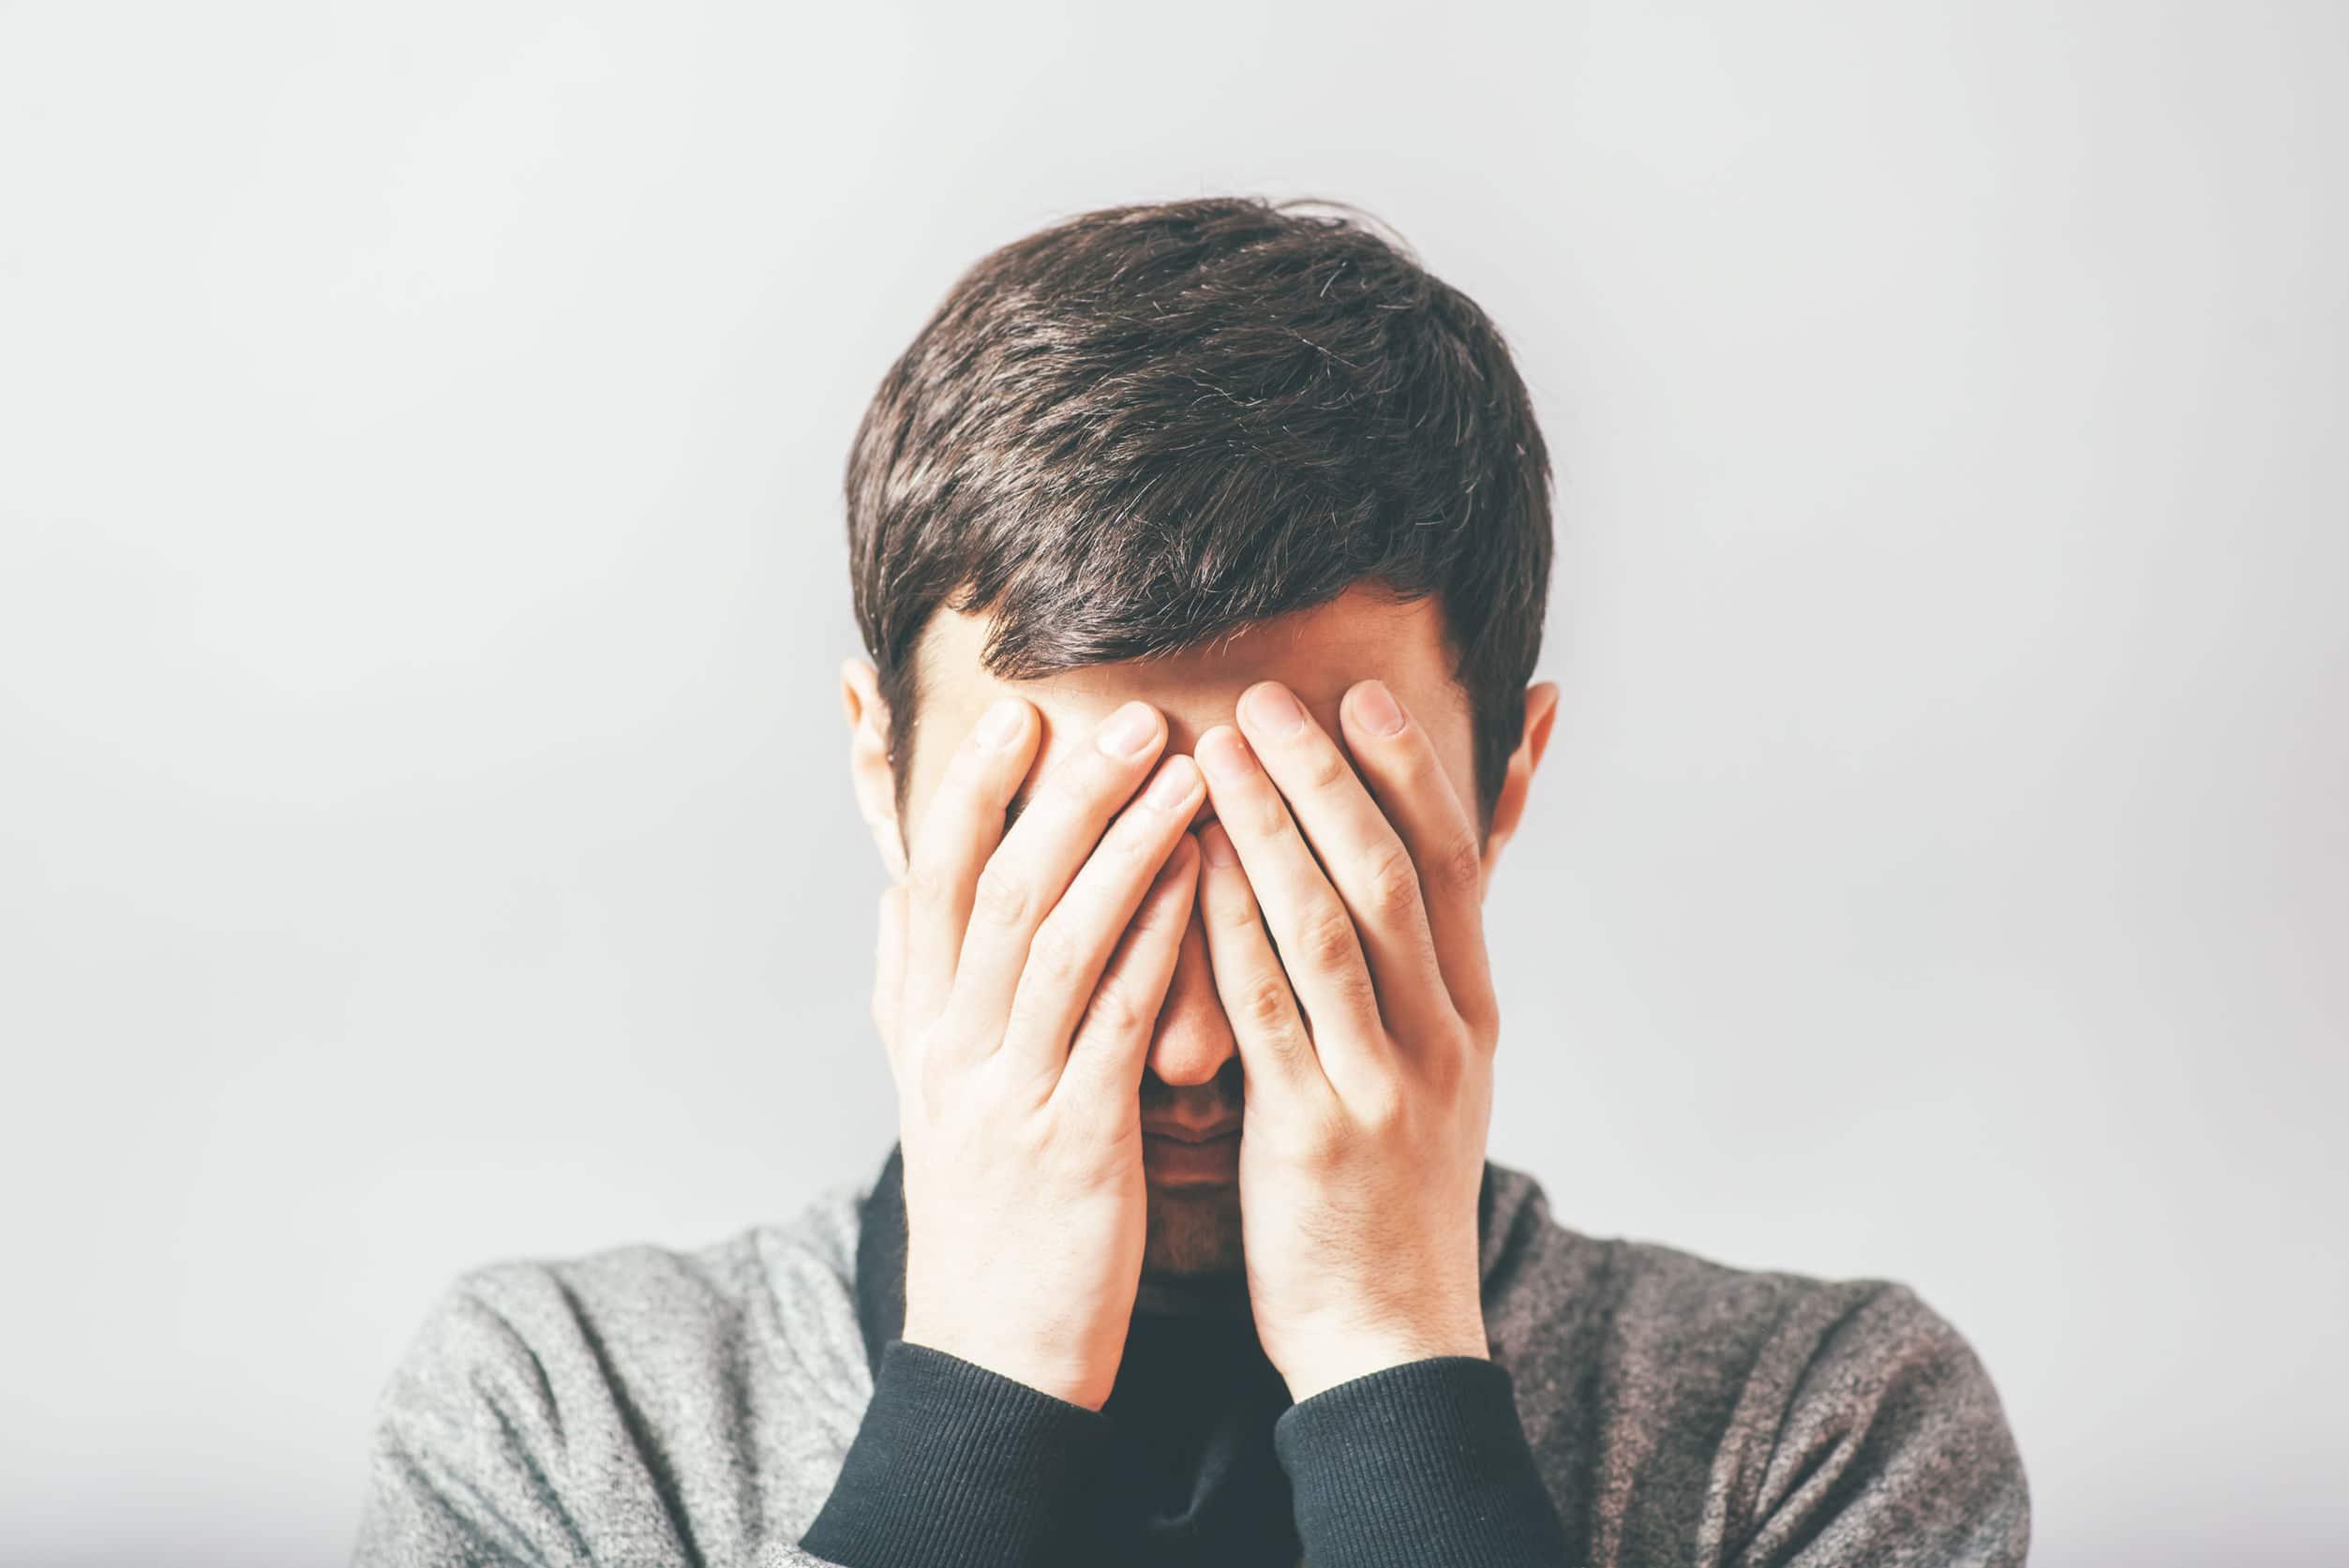 Homem com as mãos cobrindo o rosto em sinal de medo.